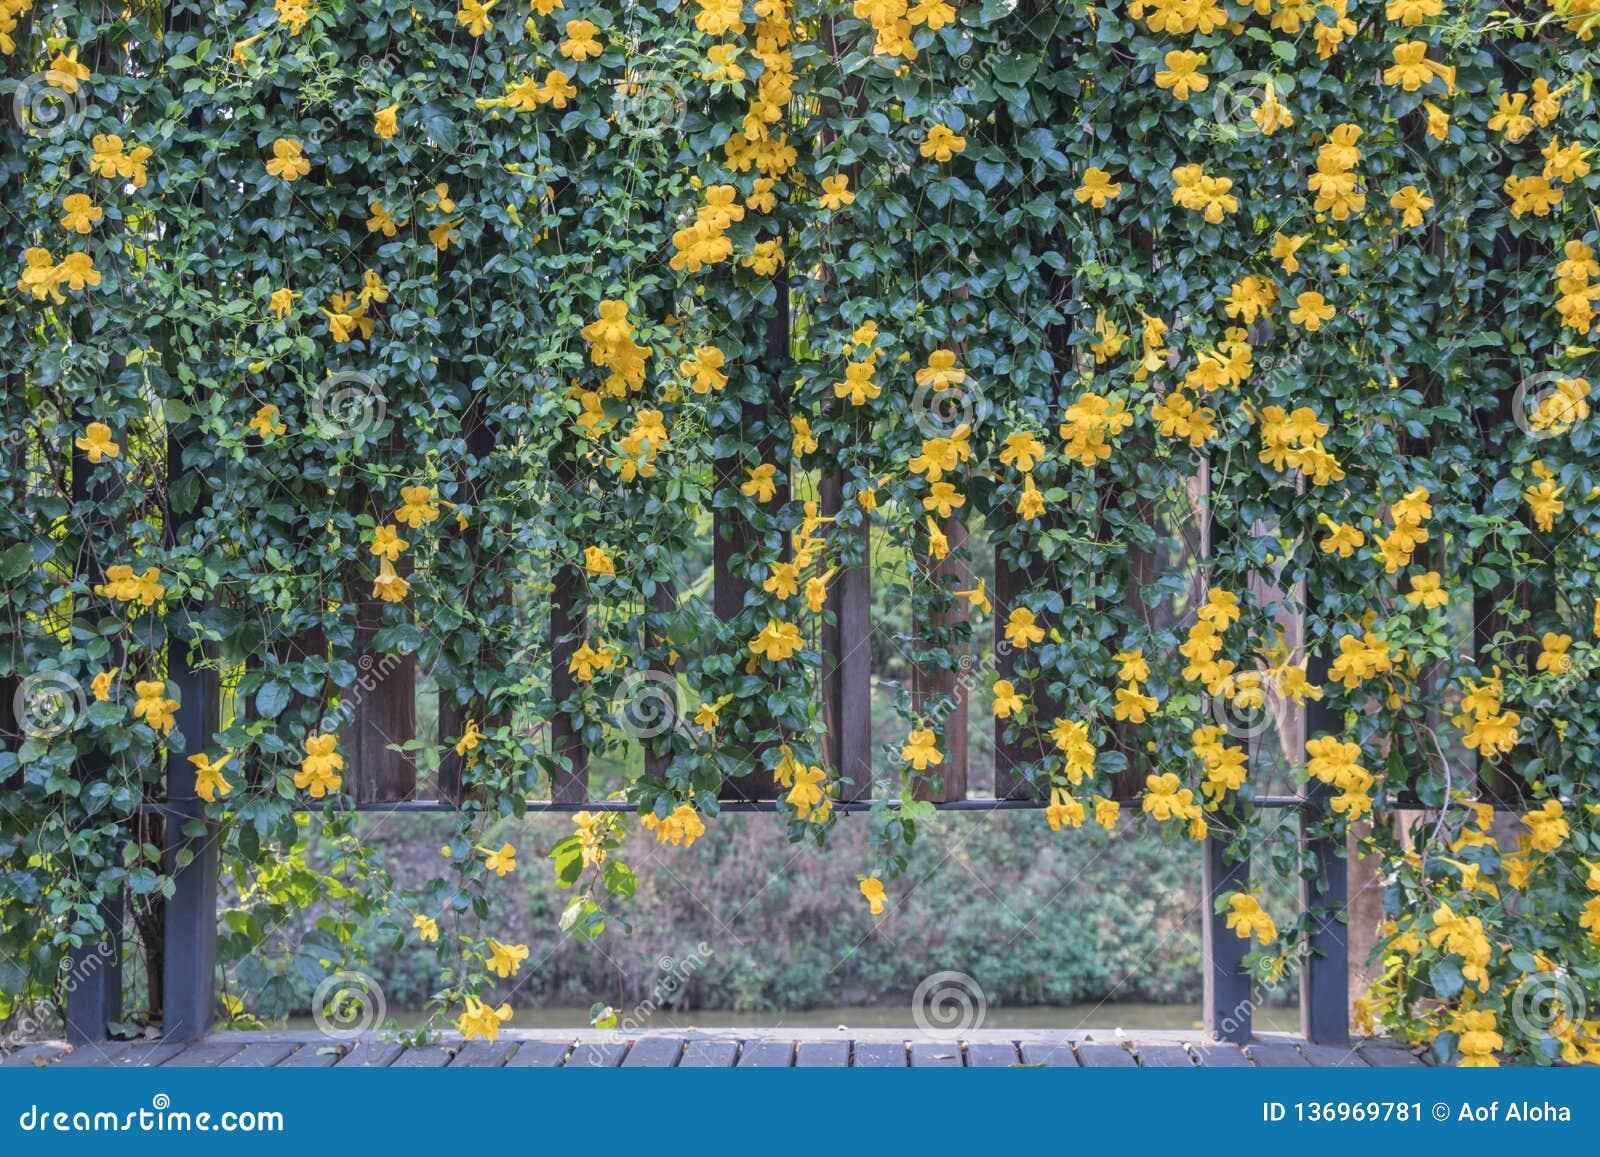 Pezuña-cati L de Macfadyena de la flor de la vid de la garra del gato A H gentry